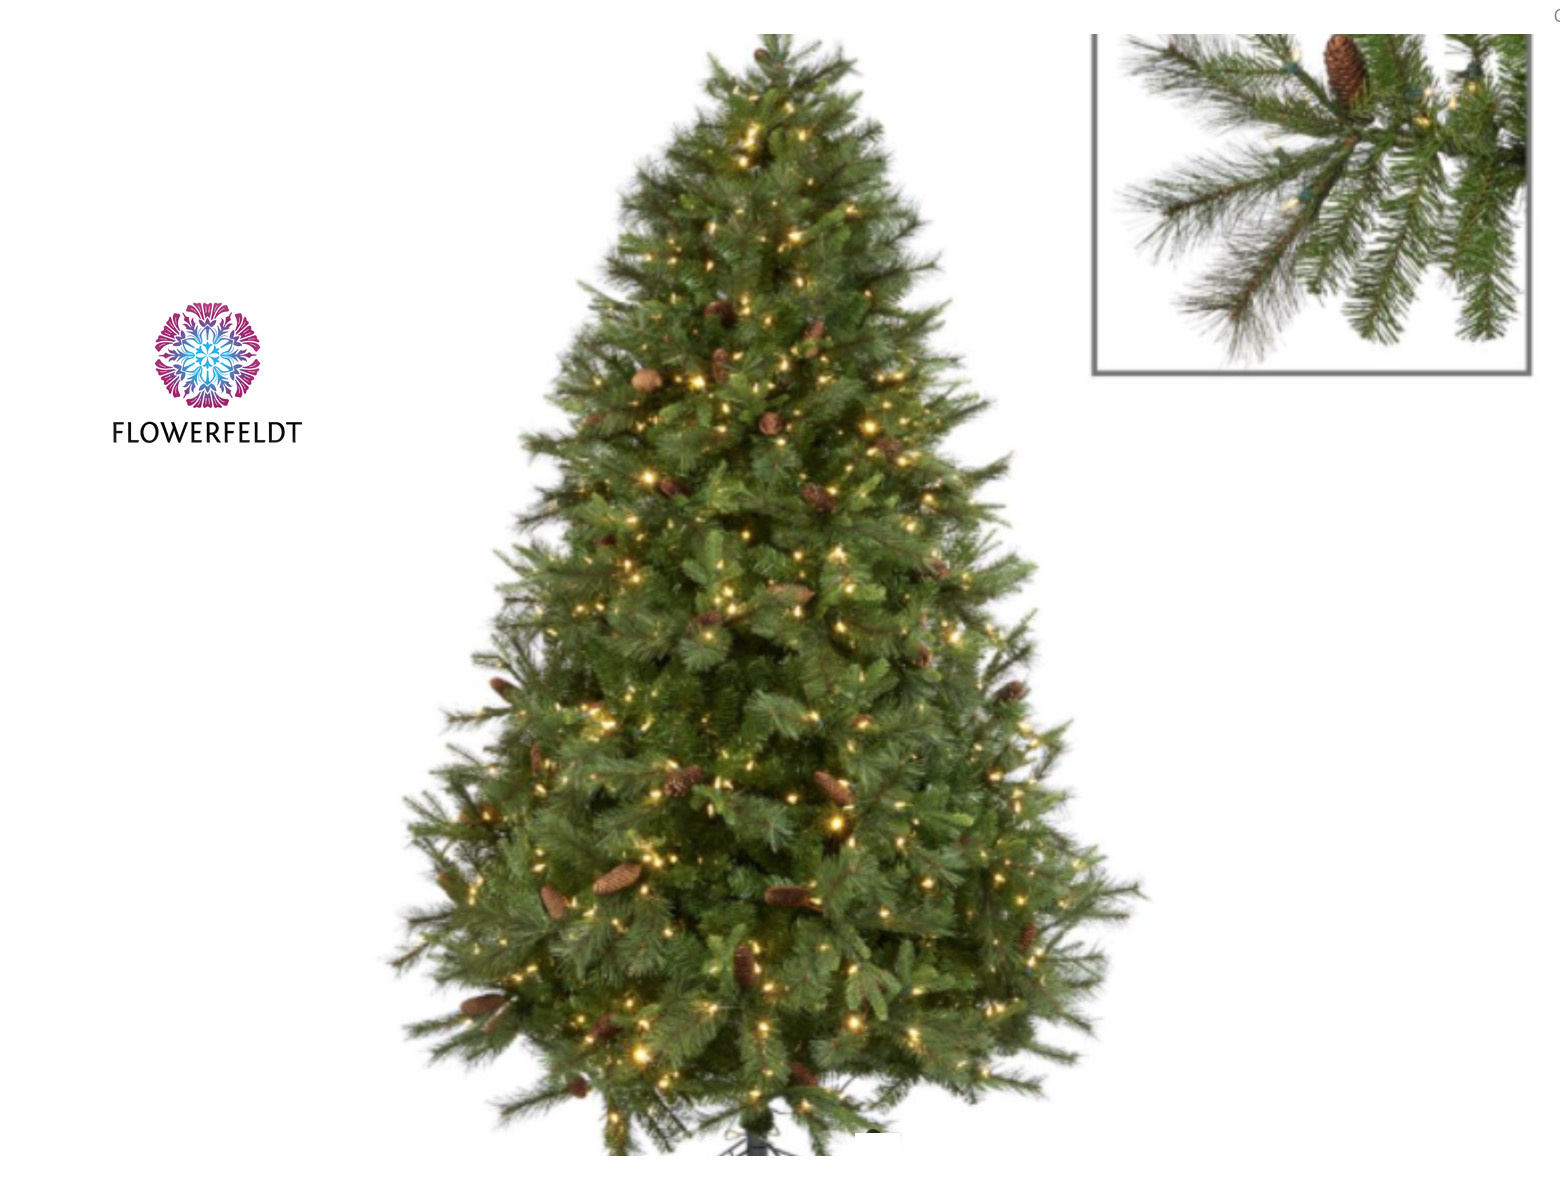 Goodwill 225 cm kerstboom met dennenappels